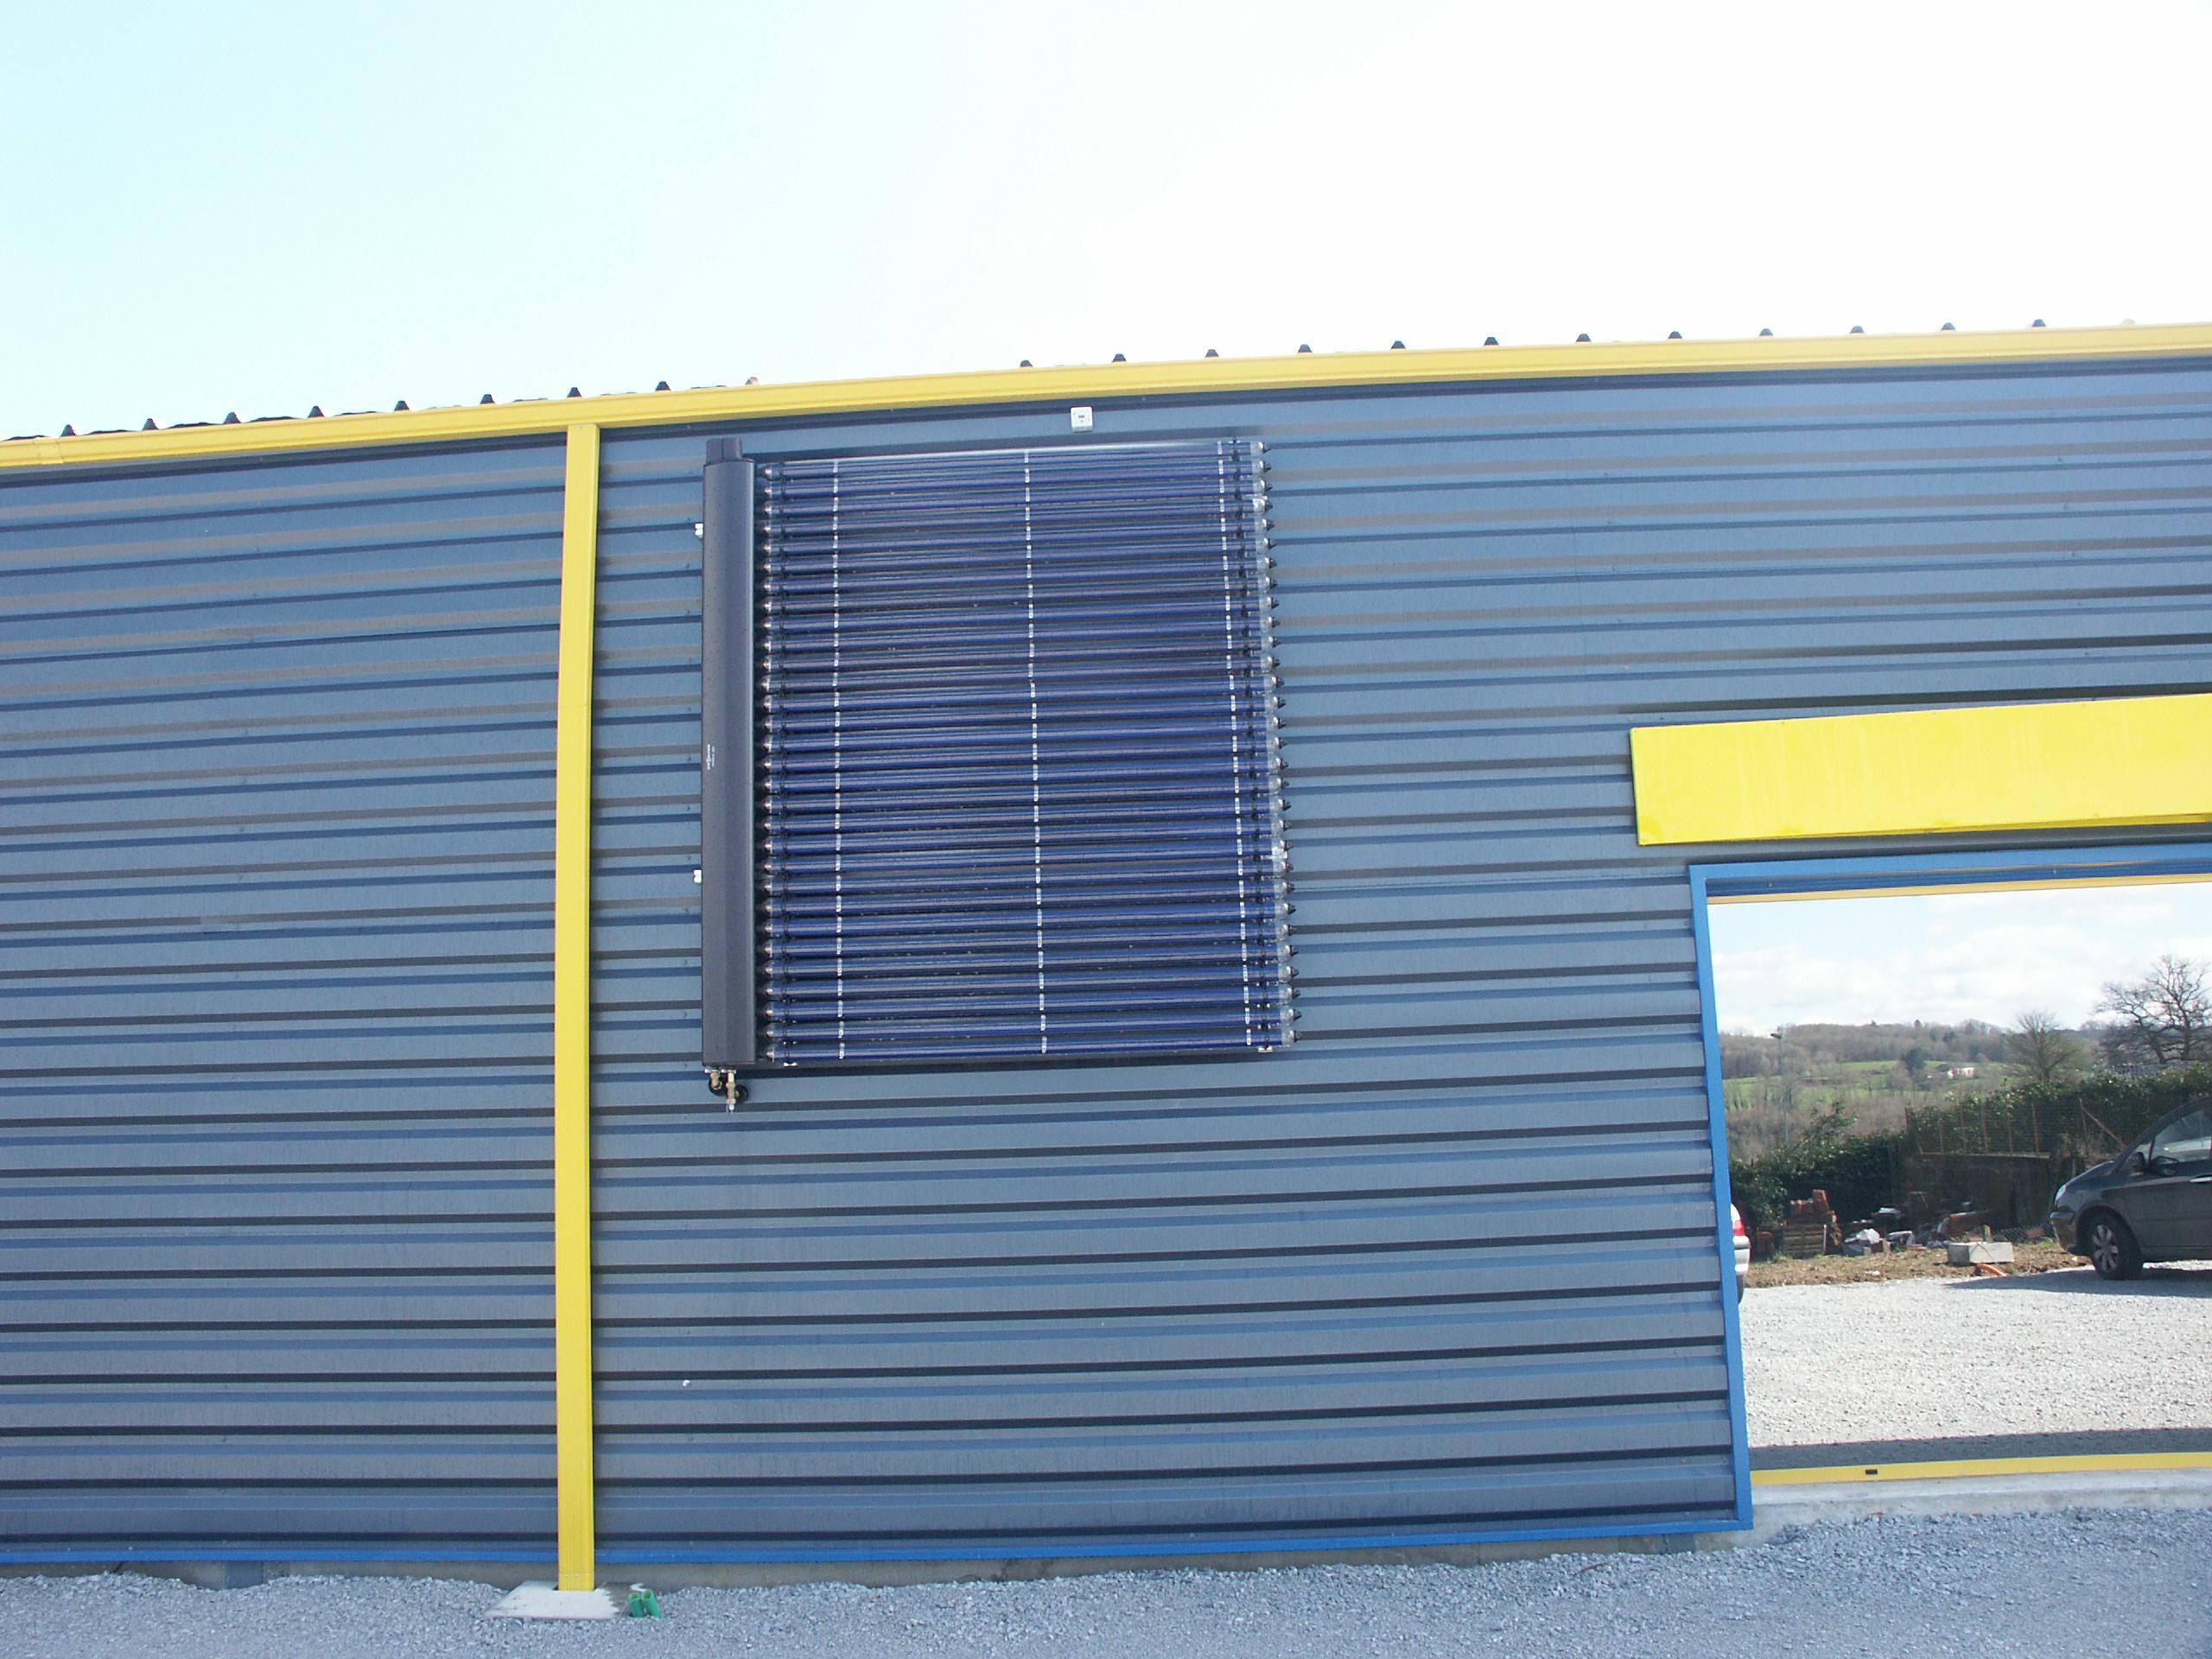 Energies renouvelables avs for Recyclage des panneaux solaires